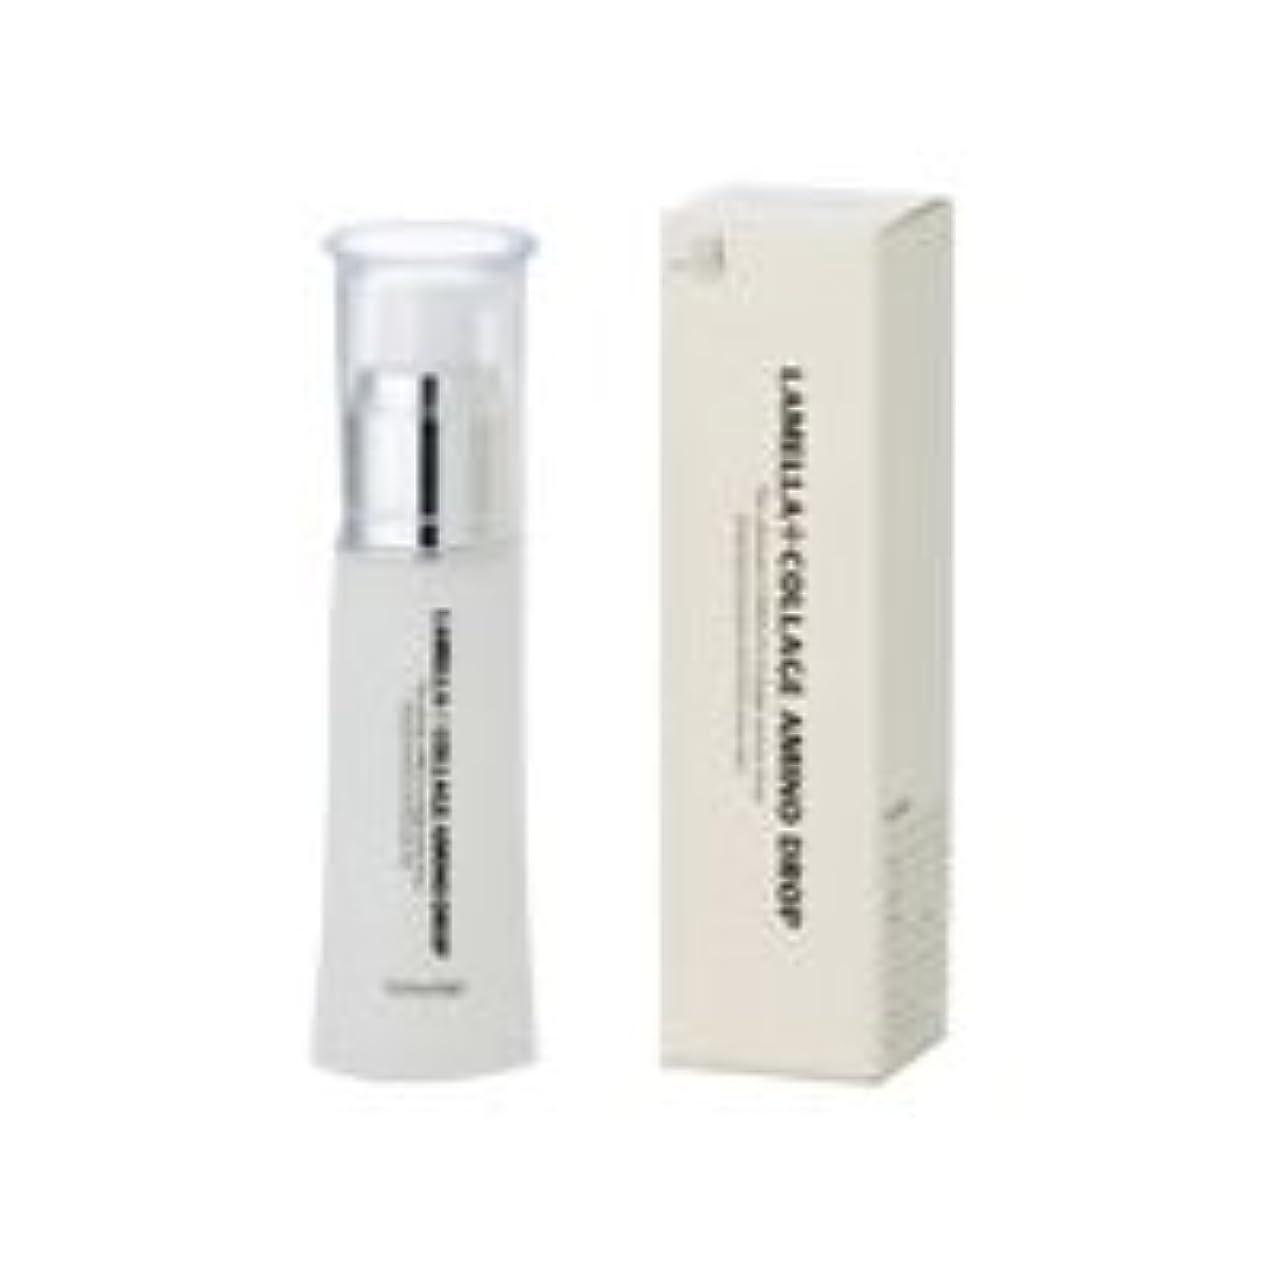 買い手タイトくそーテクノエイト ラメラコラージュ アミノドロップ 40ml (導入美容液)